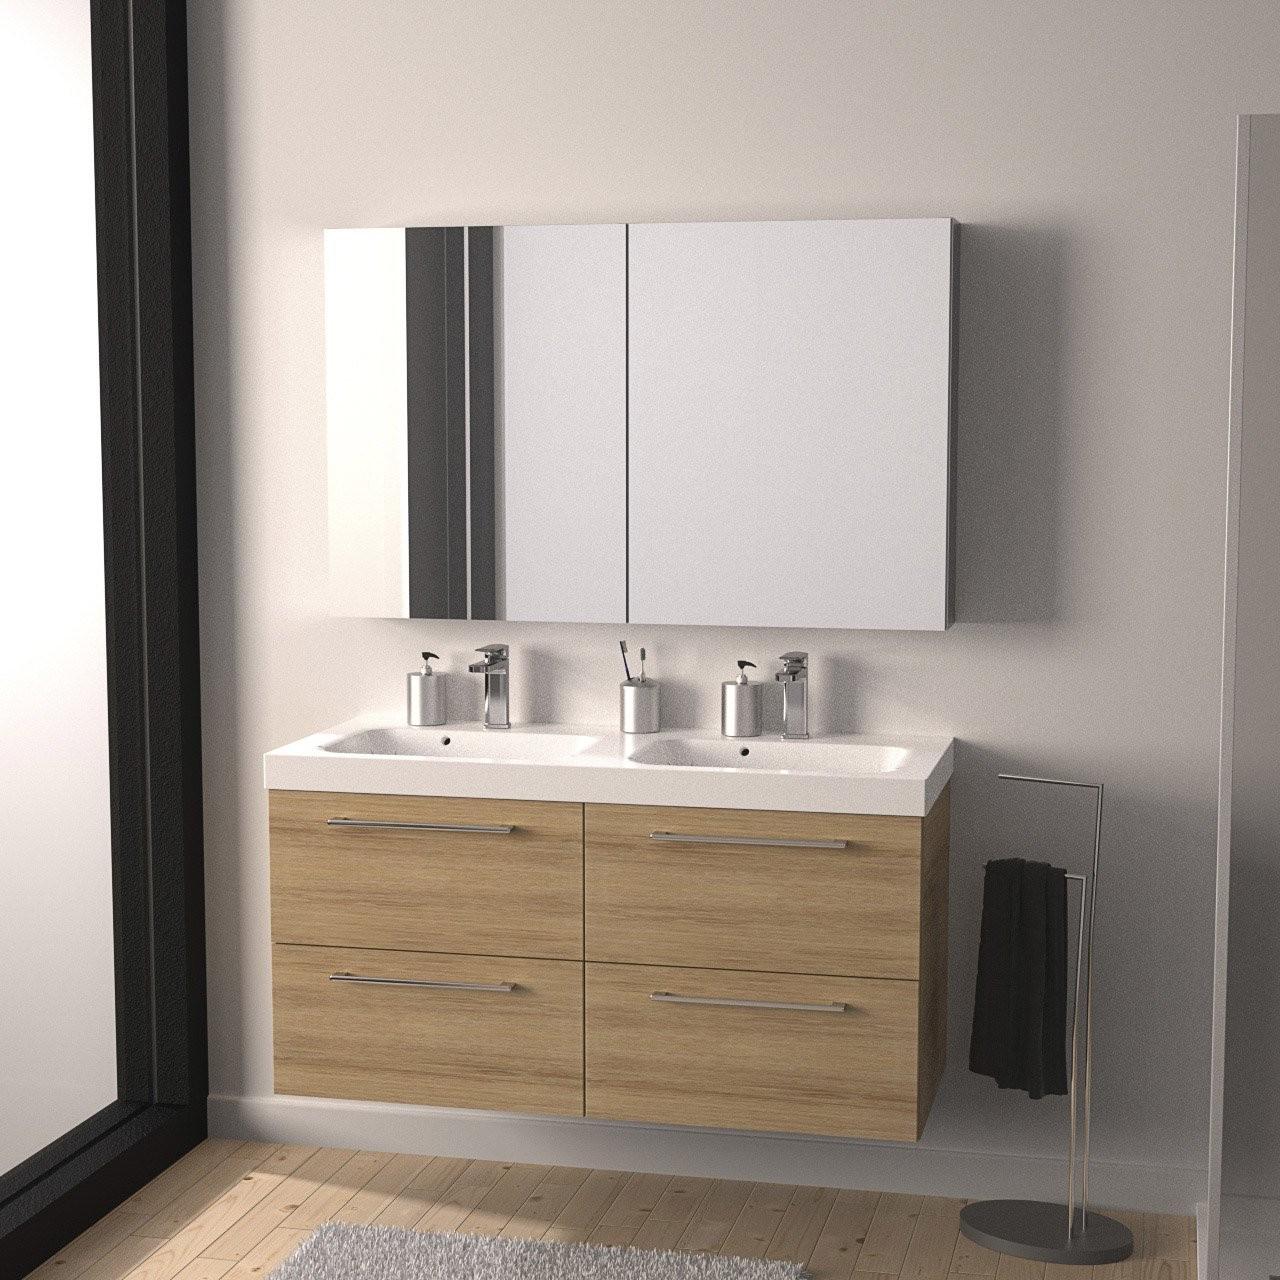 Armoire De toilette Miroir Leroy Merlin Unique Stock Indi Armoires De Salle De Bains